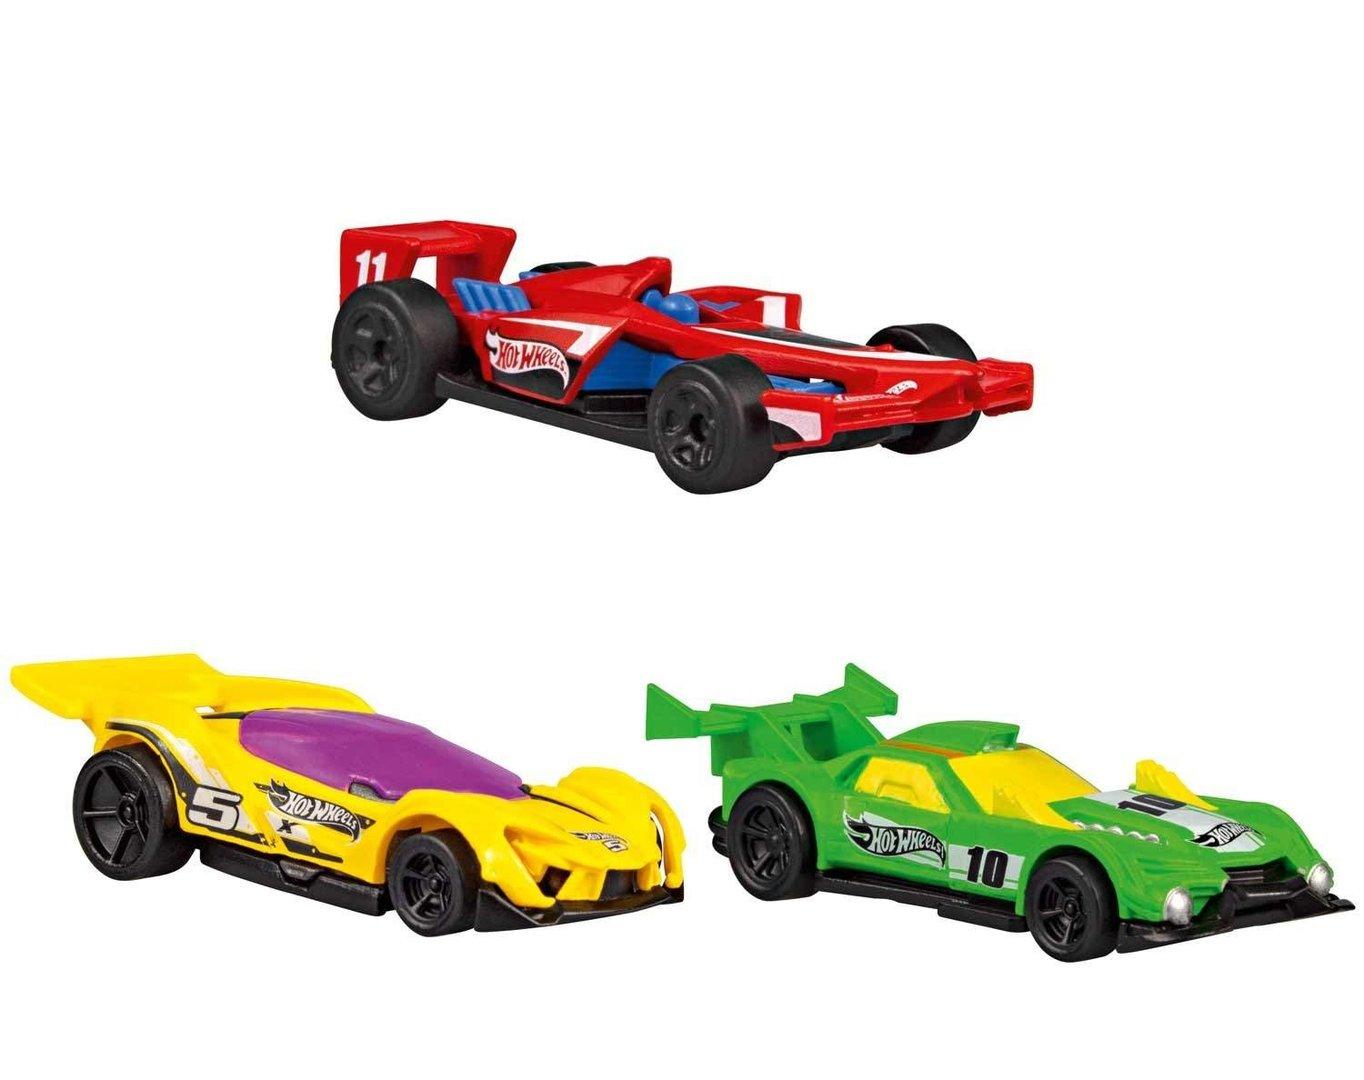 Weihnachtskalender Hot Wheels.Craze Adventskalender Hot Wheels Mit 3d Figuren Ok Shop24